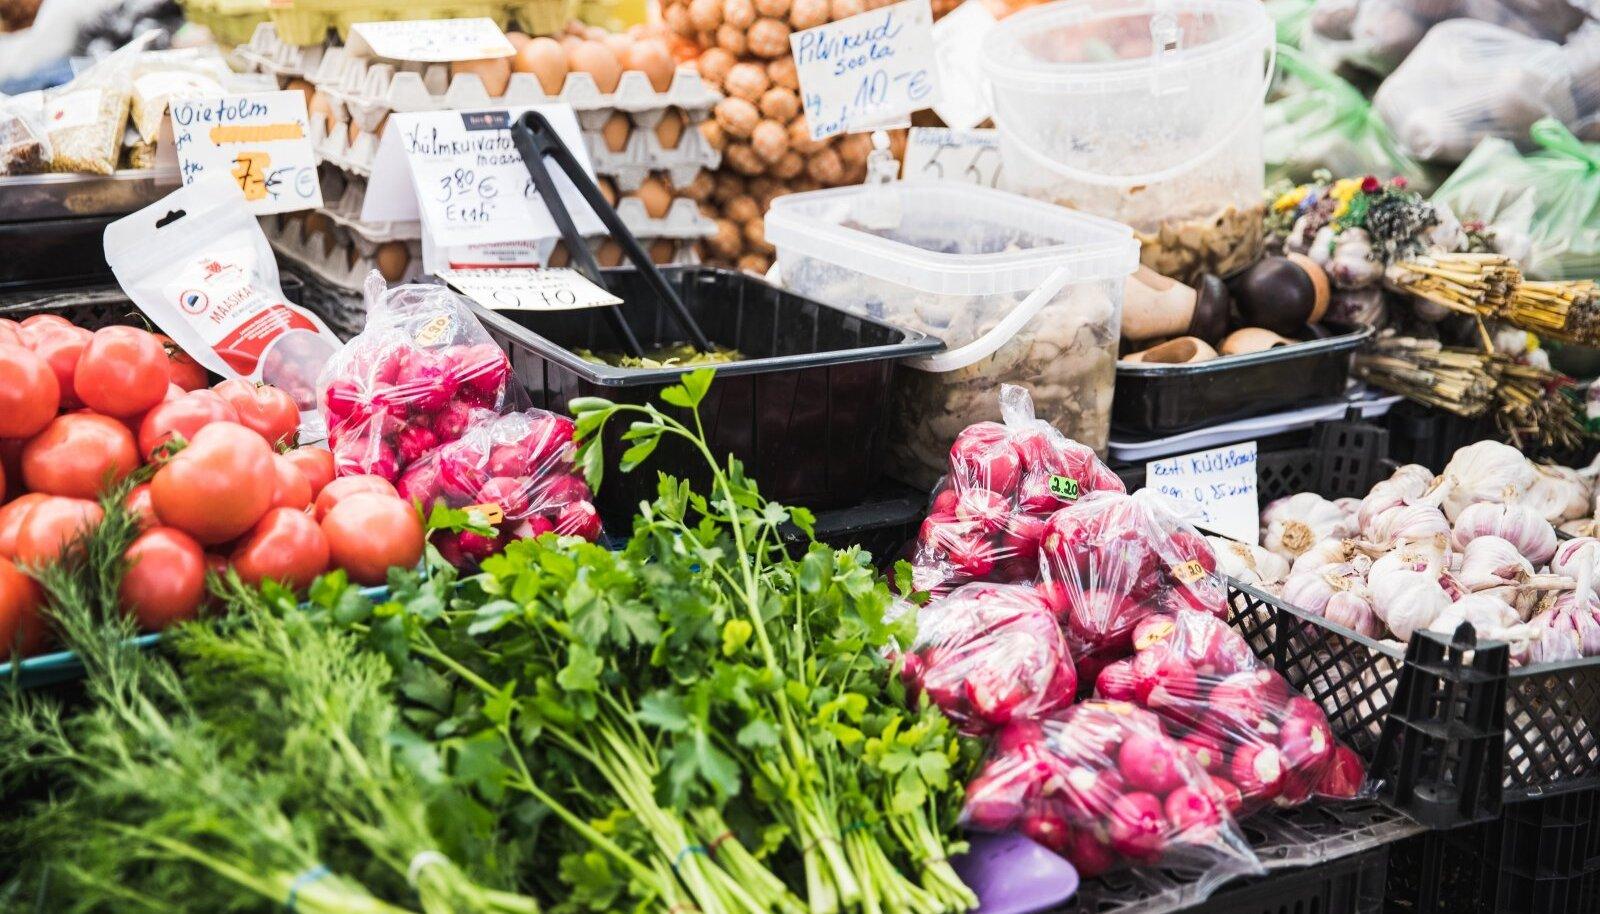 Põllu- ja peenravärske Eesti köögivilja ostmiseks peab rahakott olema n-ö puuga seljas.